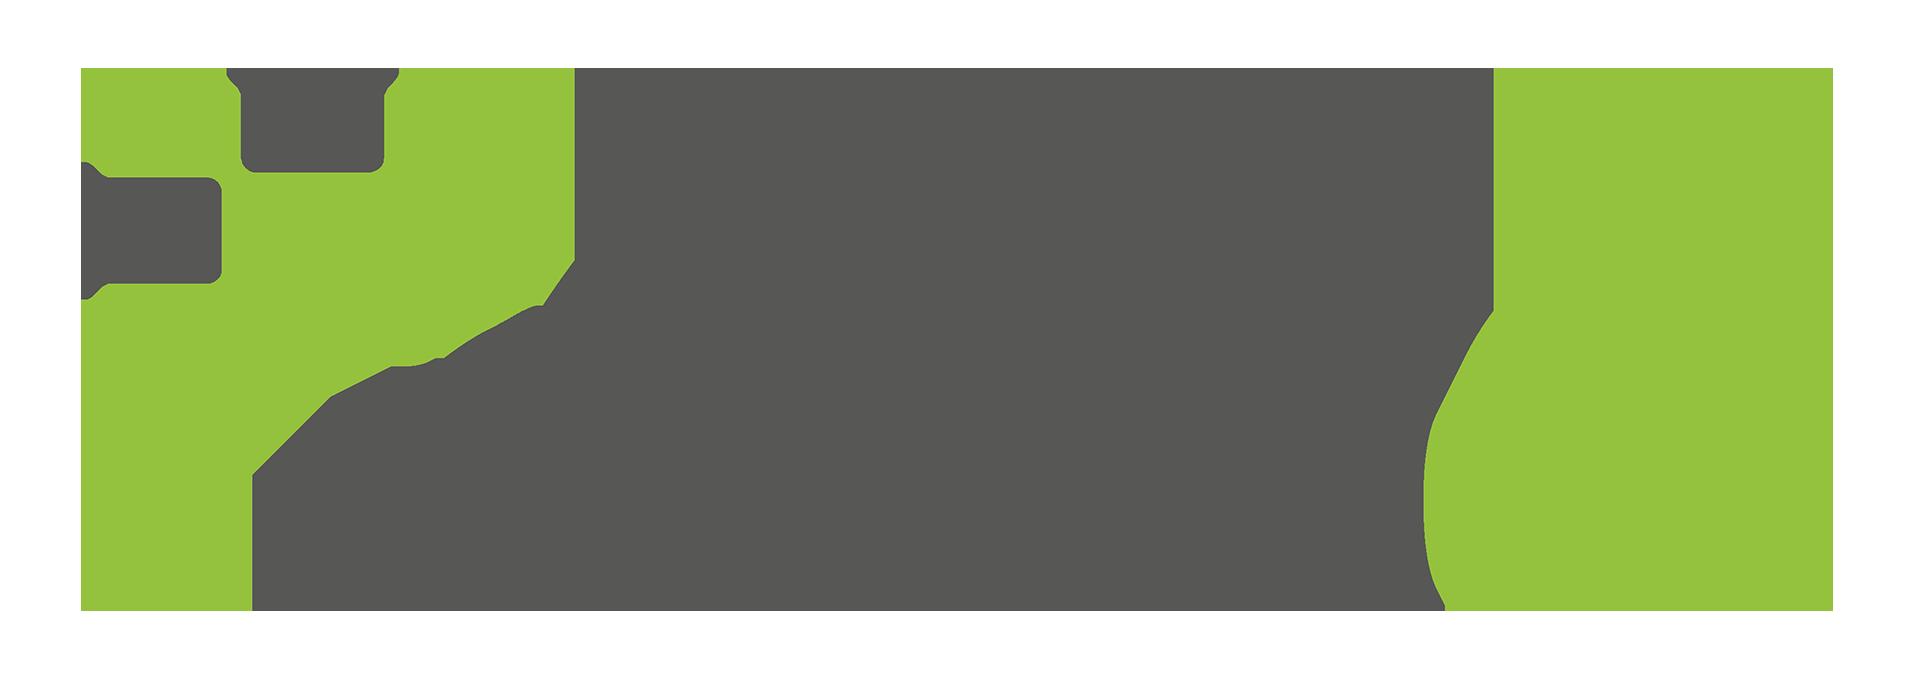 modulon-logo_hd1920